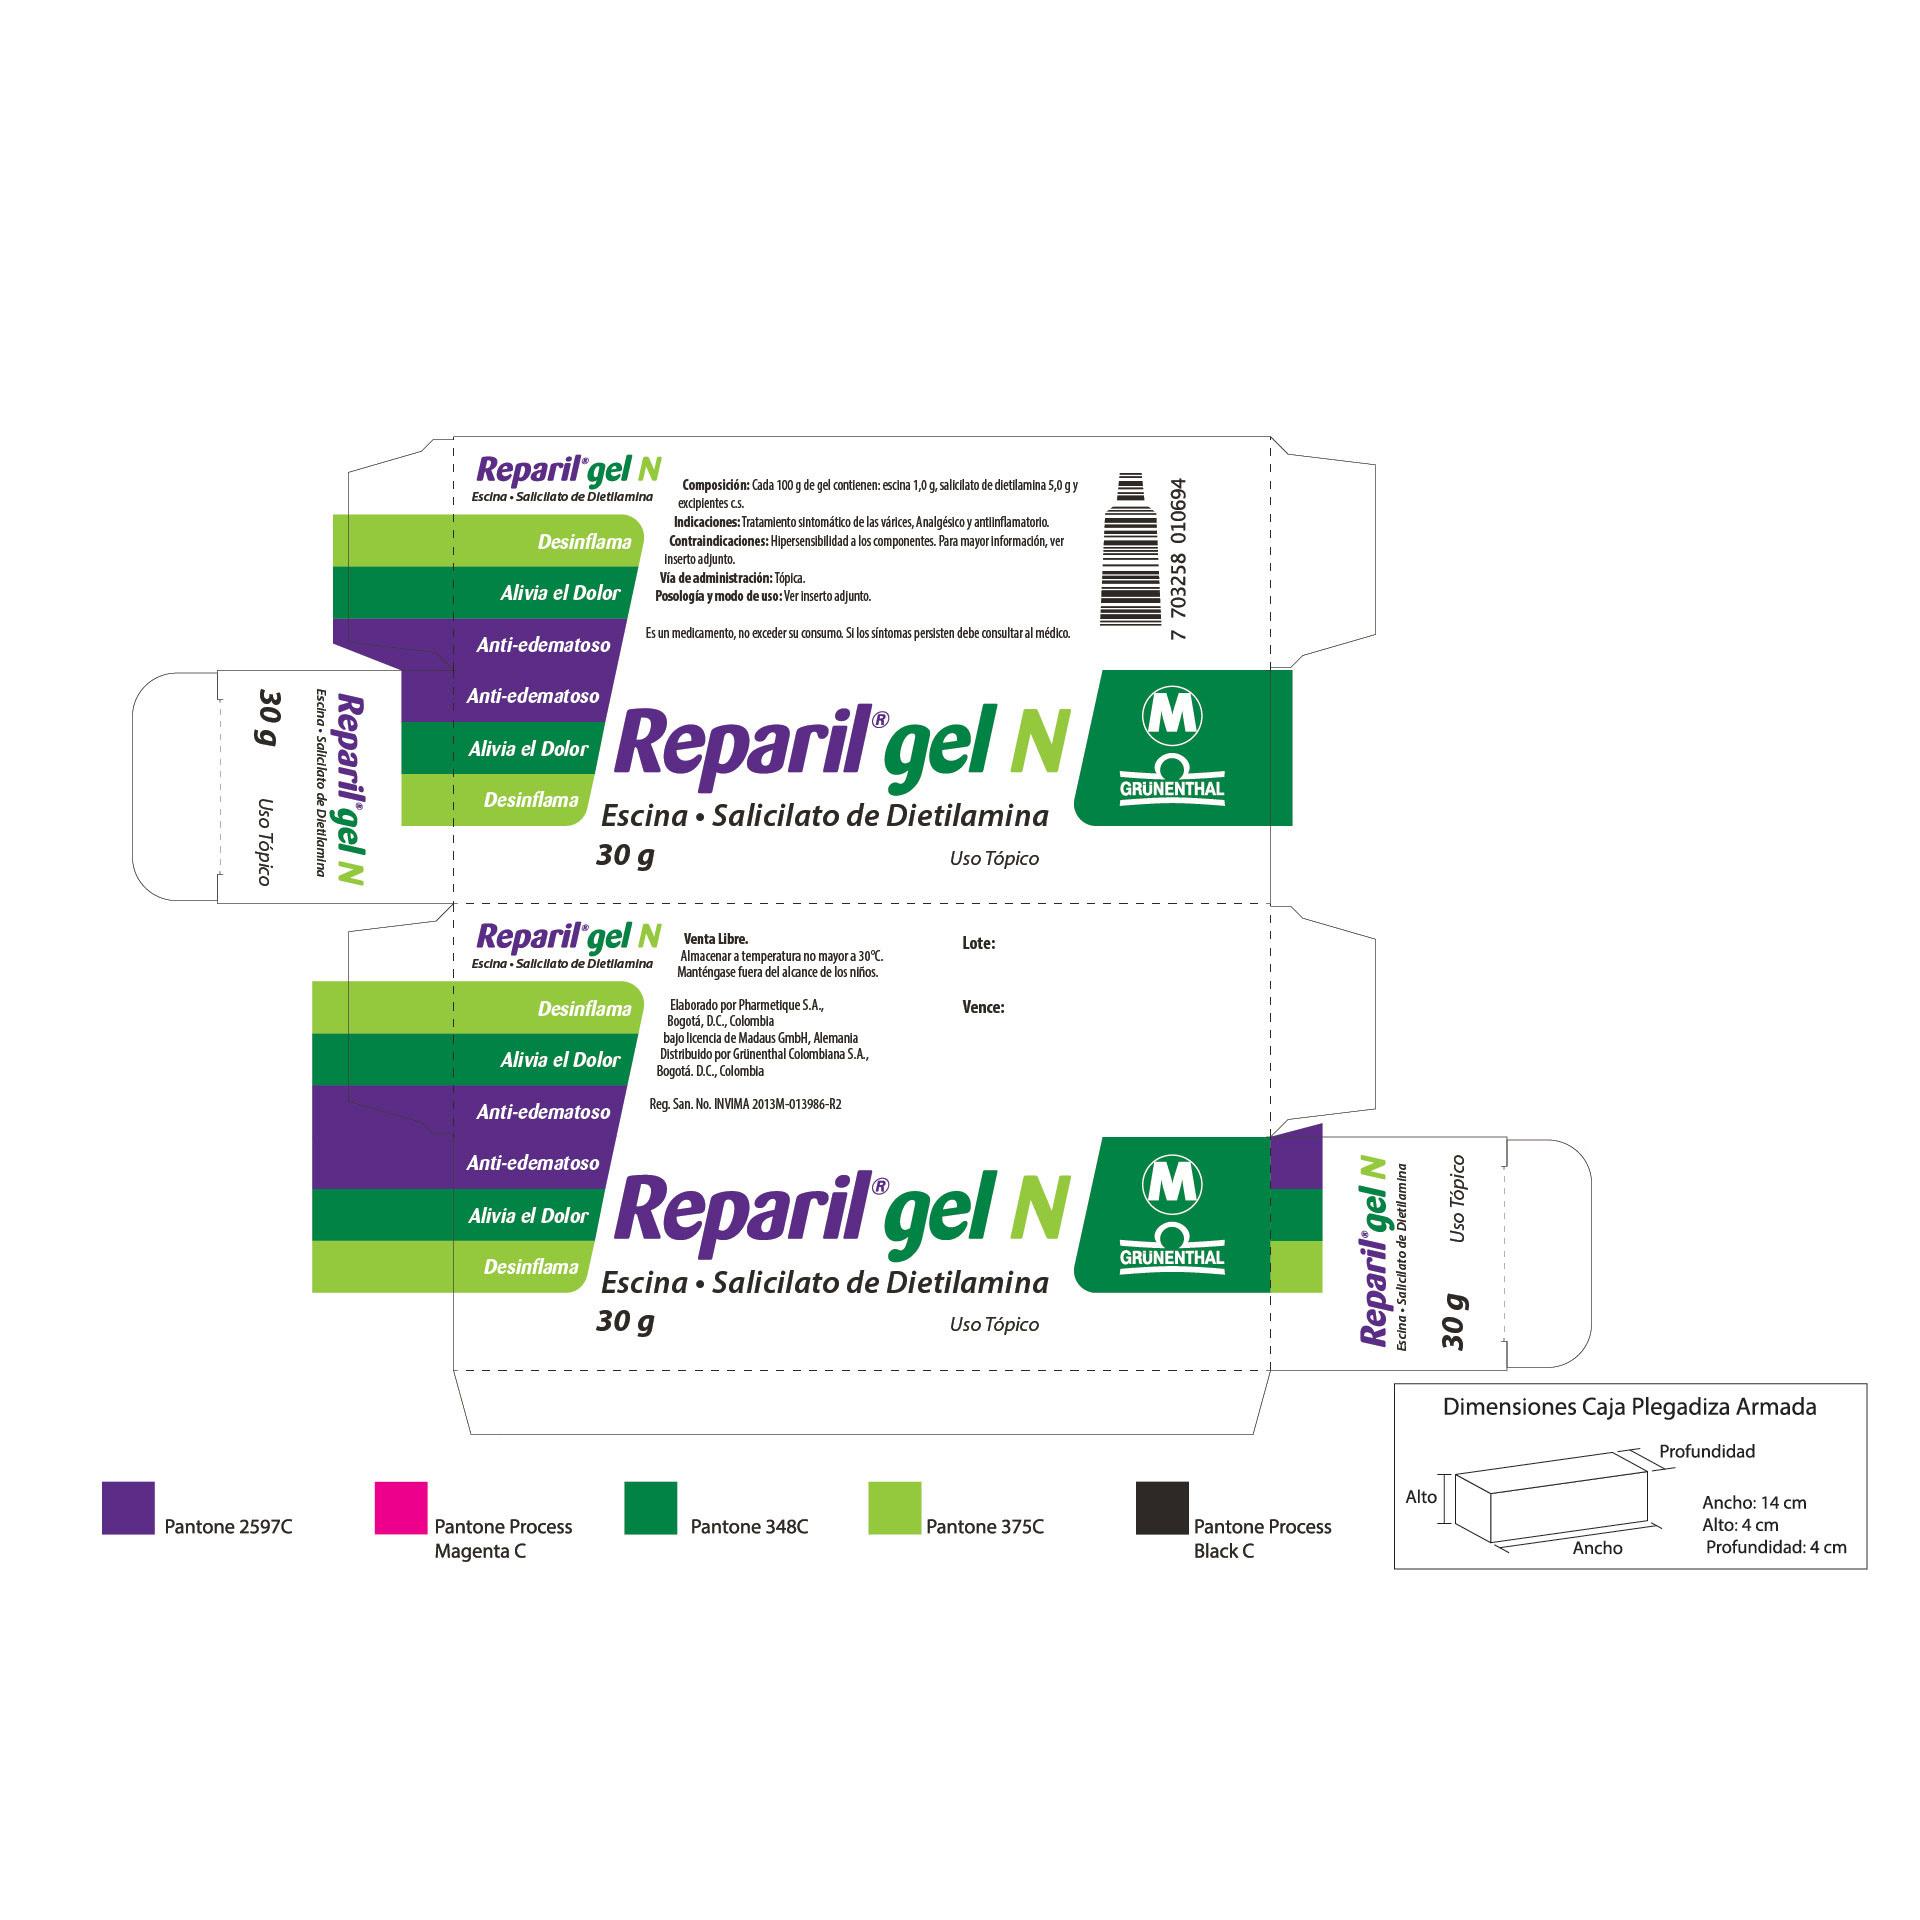 Diseño de Identidad Visual y Logotipo para la marca del medicamento Reparil de Grunenthal